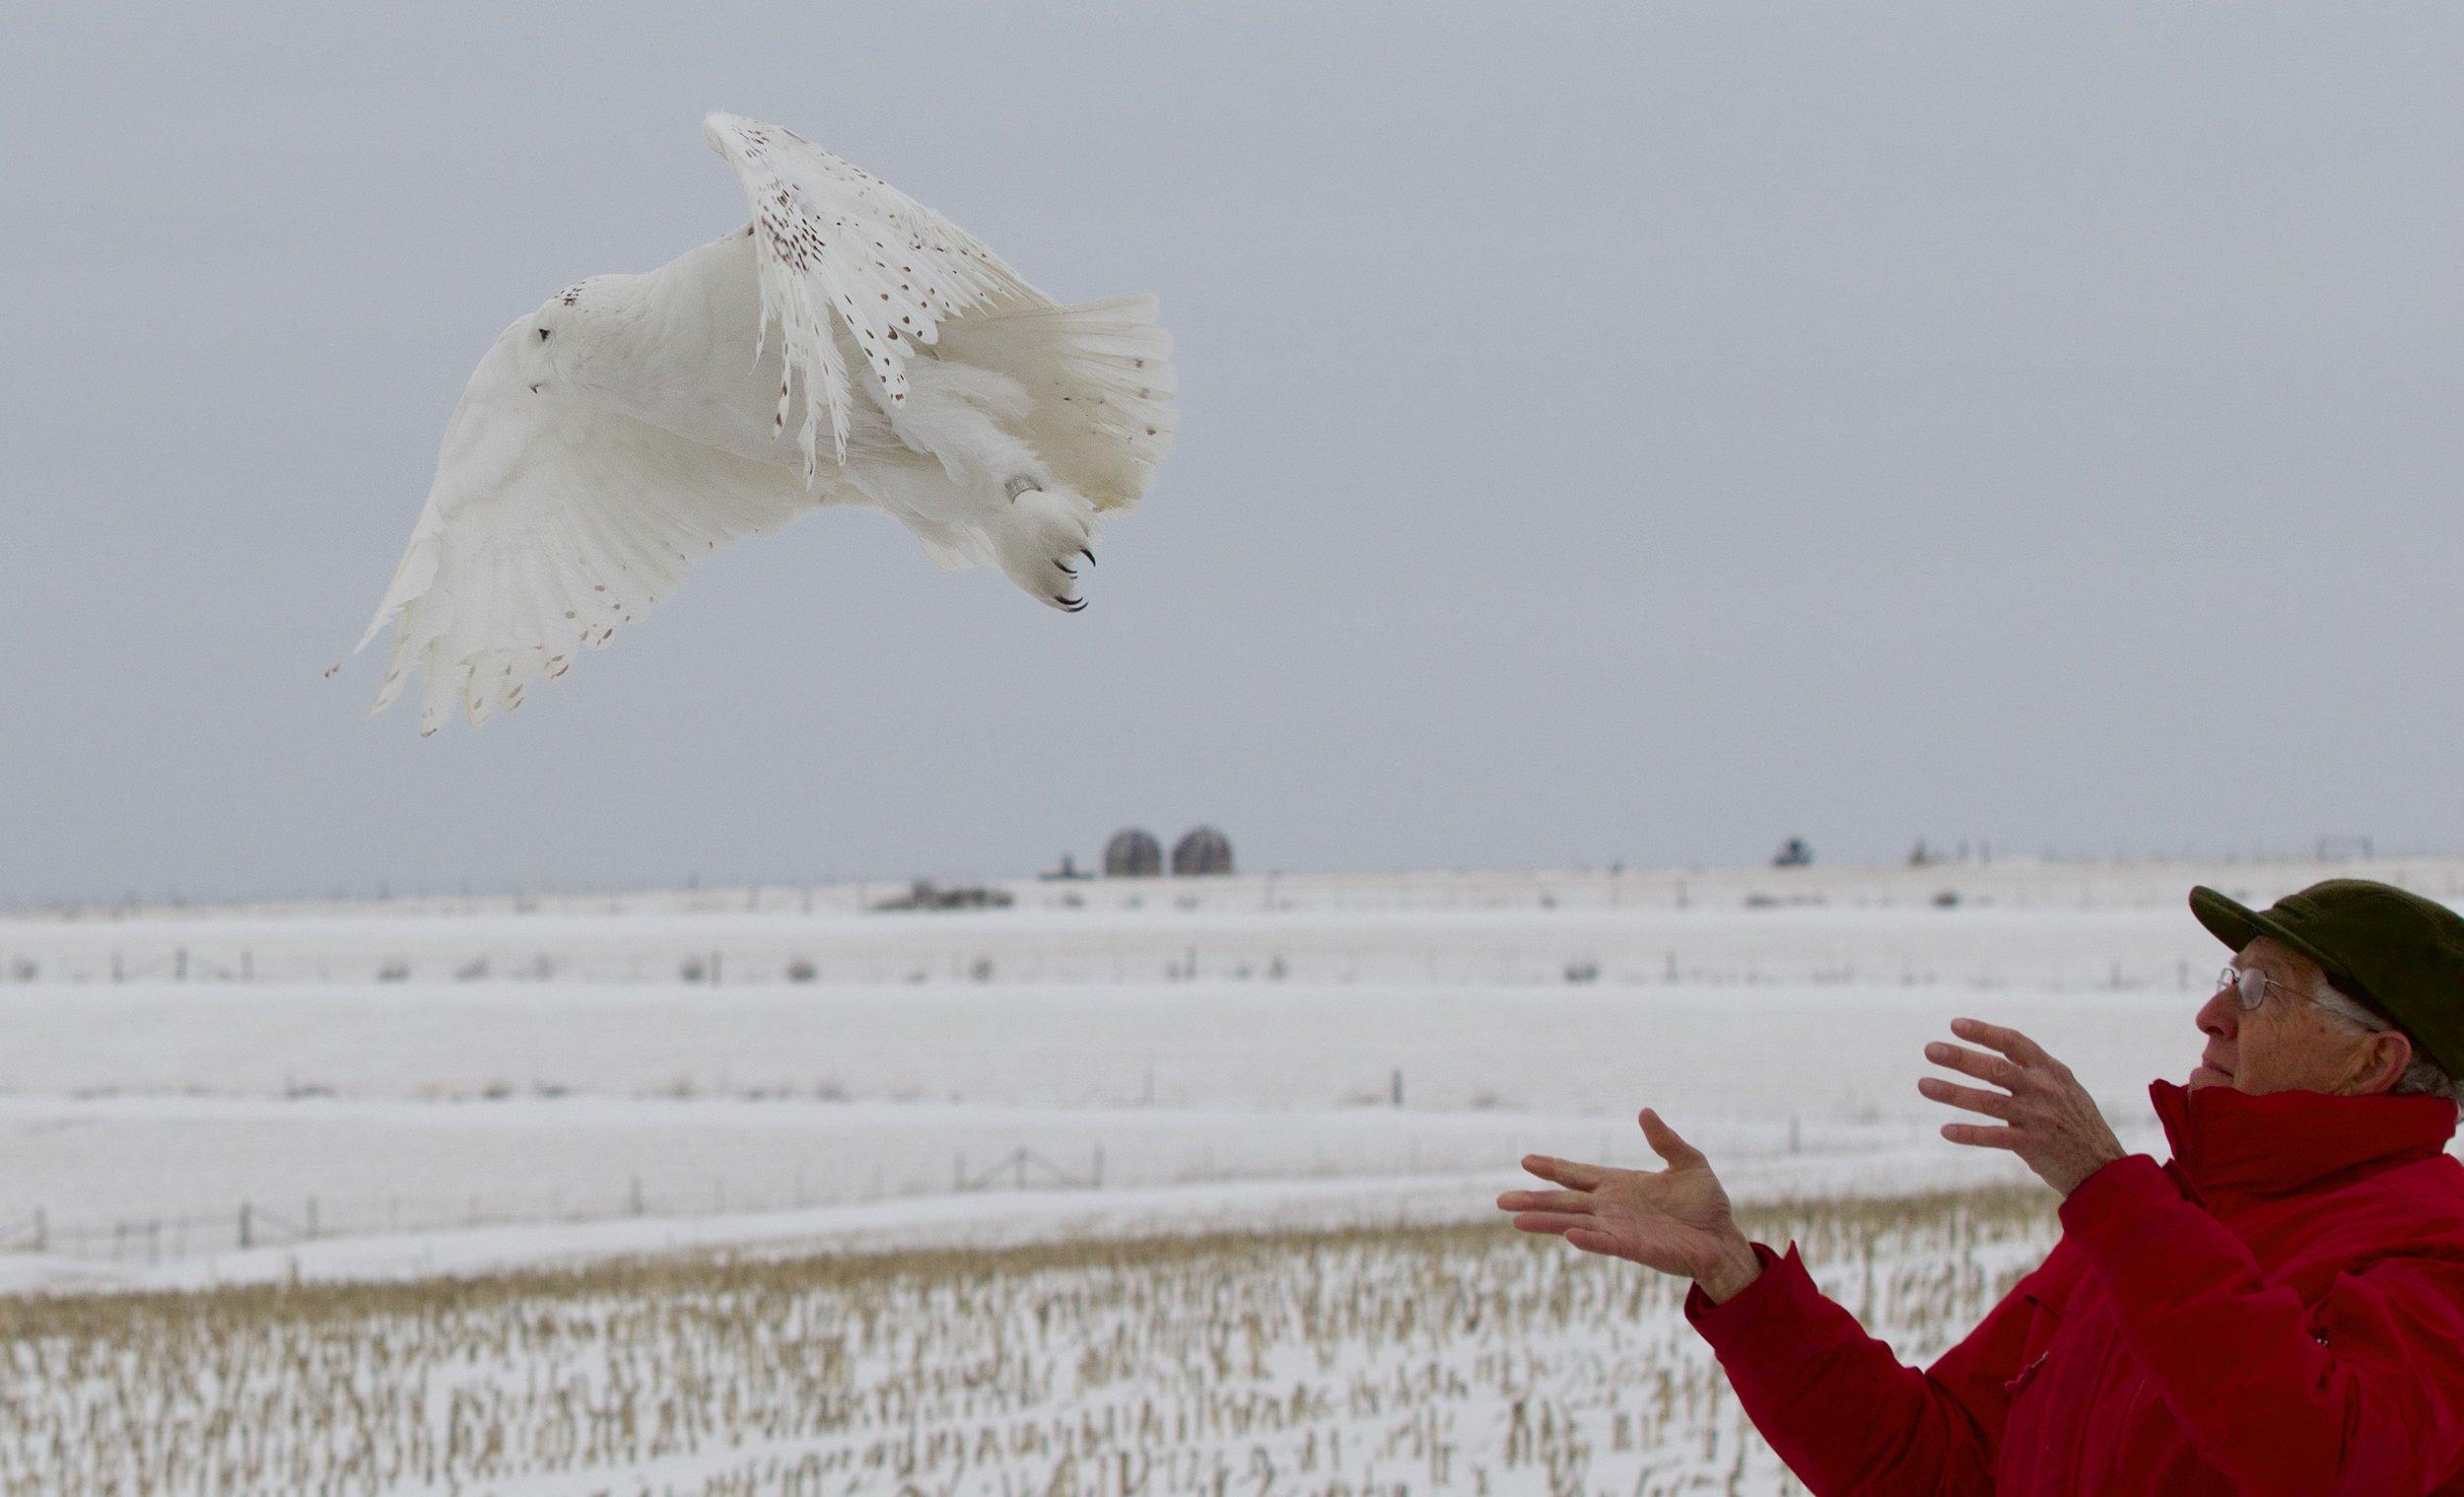 Releasing a Snowy Owl